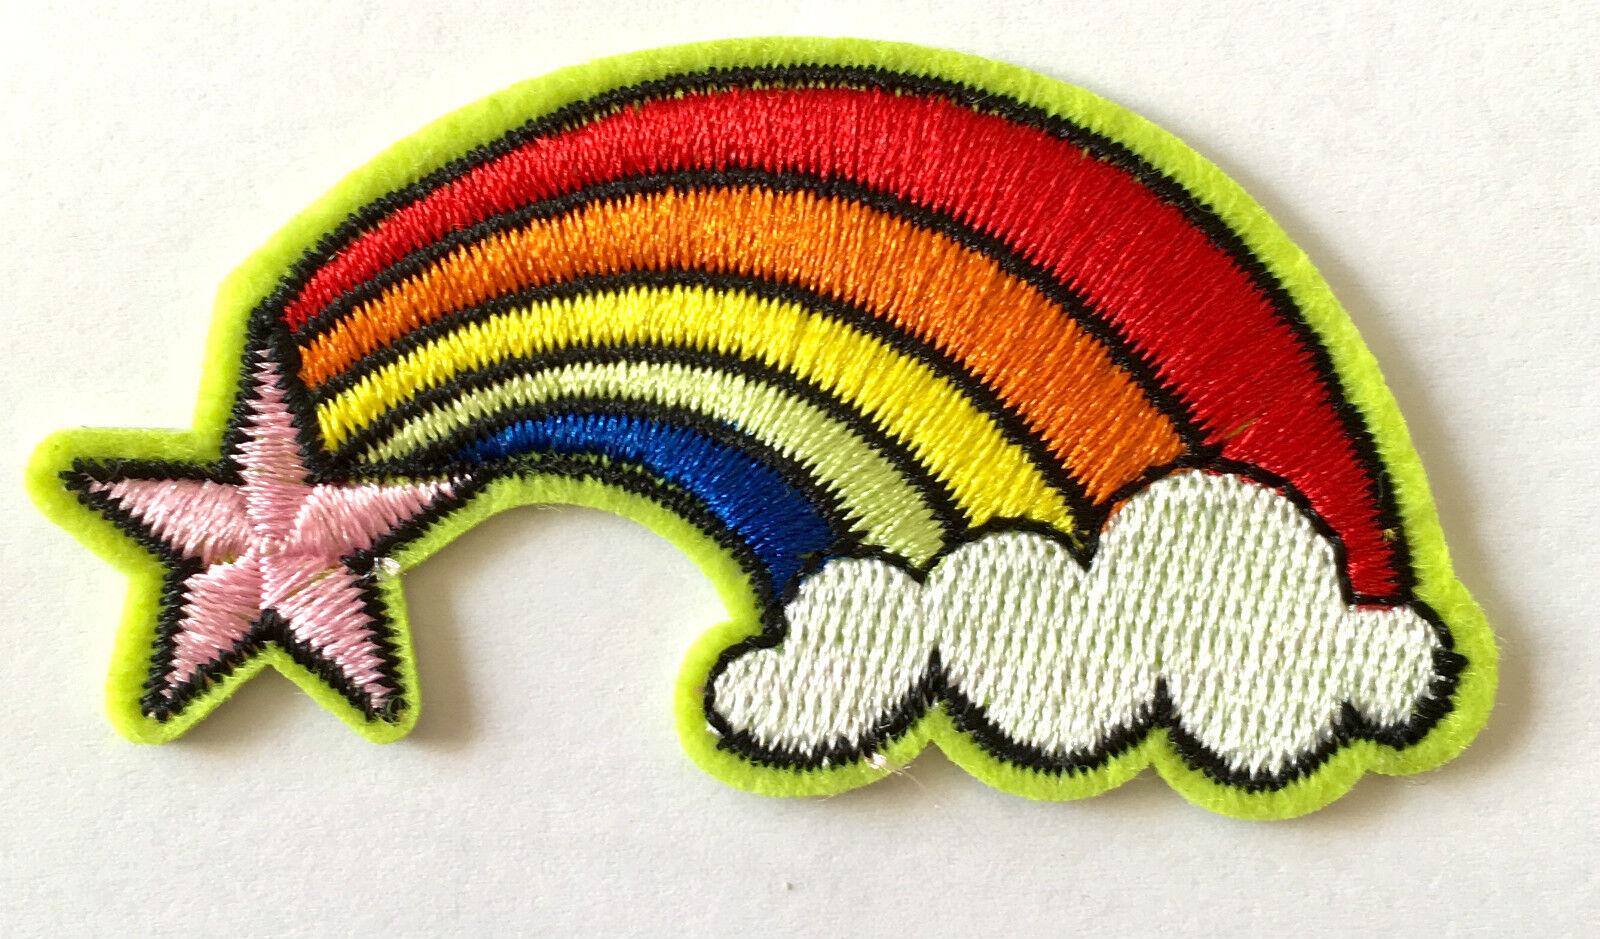 Aufnäher Wolke rainbow patch Kinder Applikation Regenbogen Stern Aufbügler